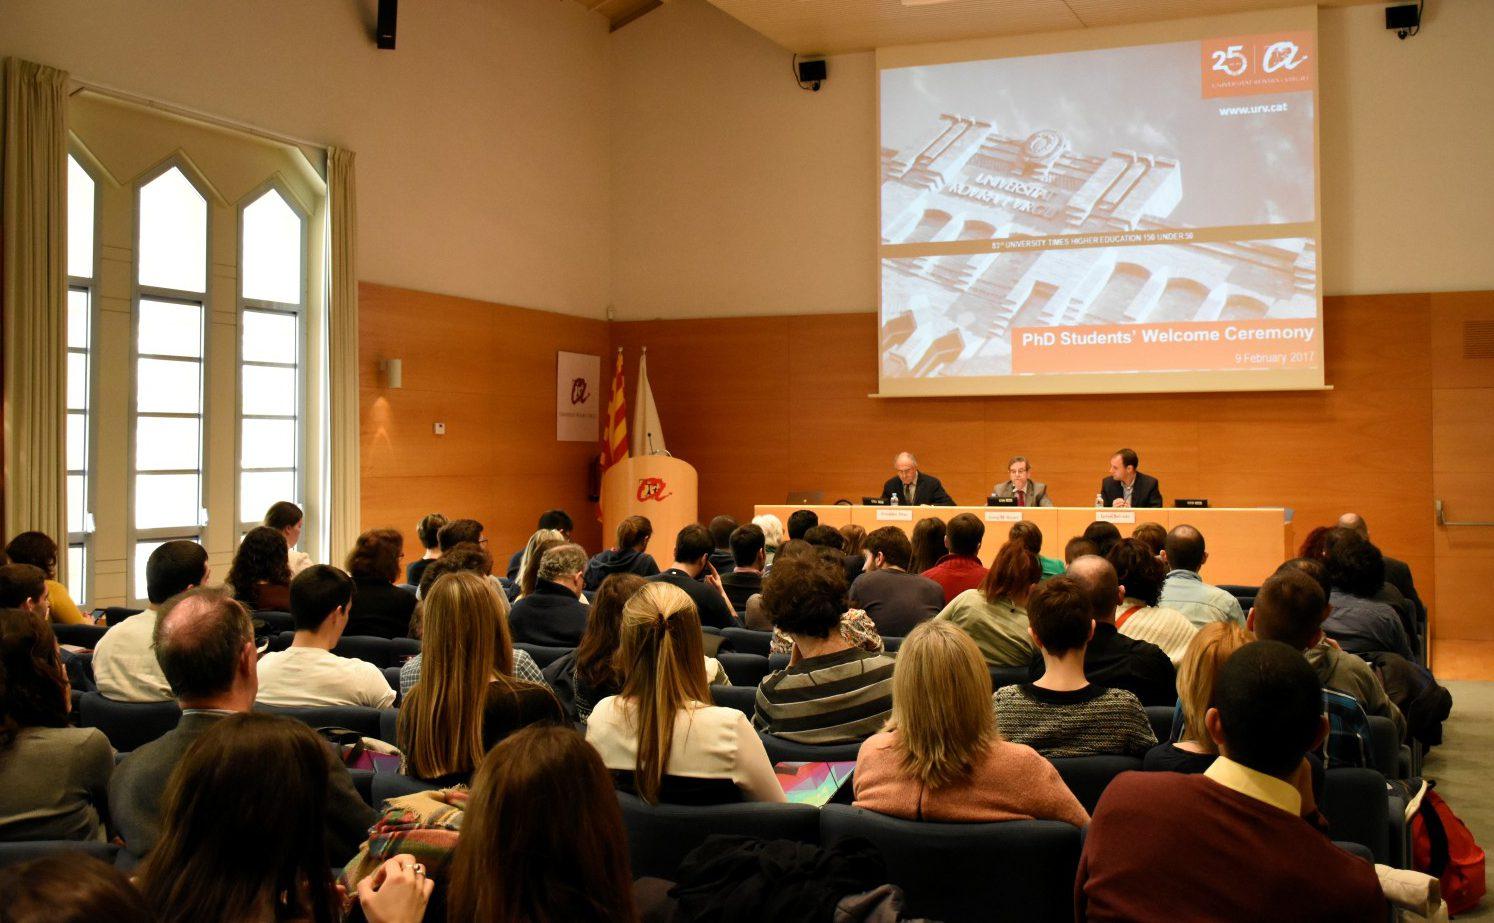 Al fons de la imatge, Francesc Díaz, Josep Manel Ricart i Ignasi Salvadó, que van conduir l'acte de benvinguda als doctorands.